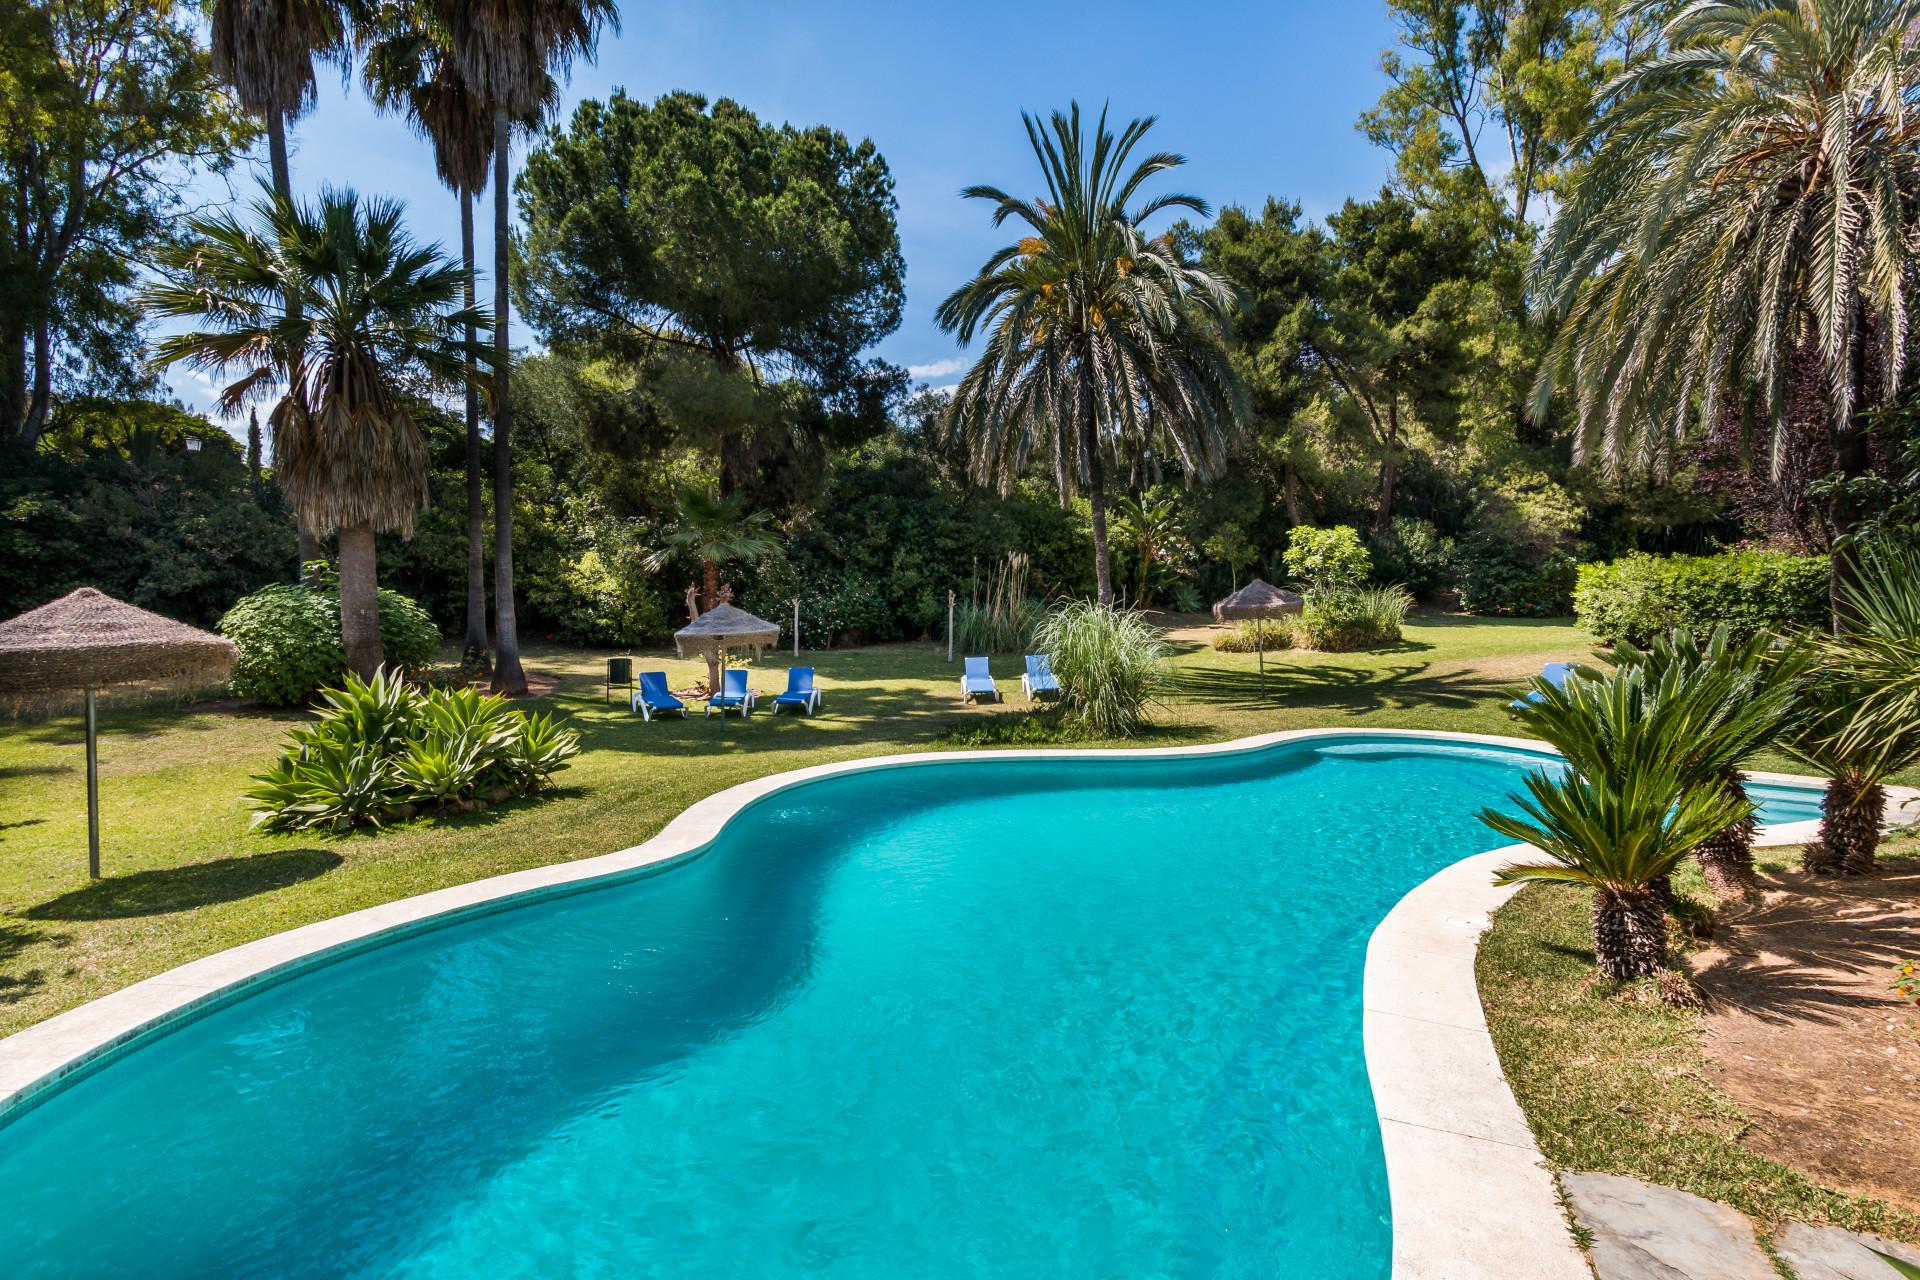 ARFA1287 - Wohnung zum Verkauf an der Goldenen Meile in Marbella in Toplage